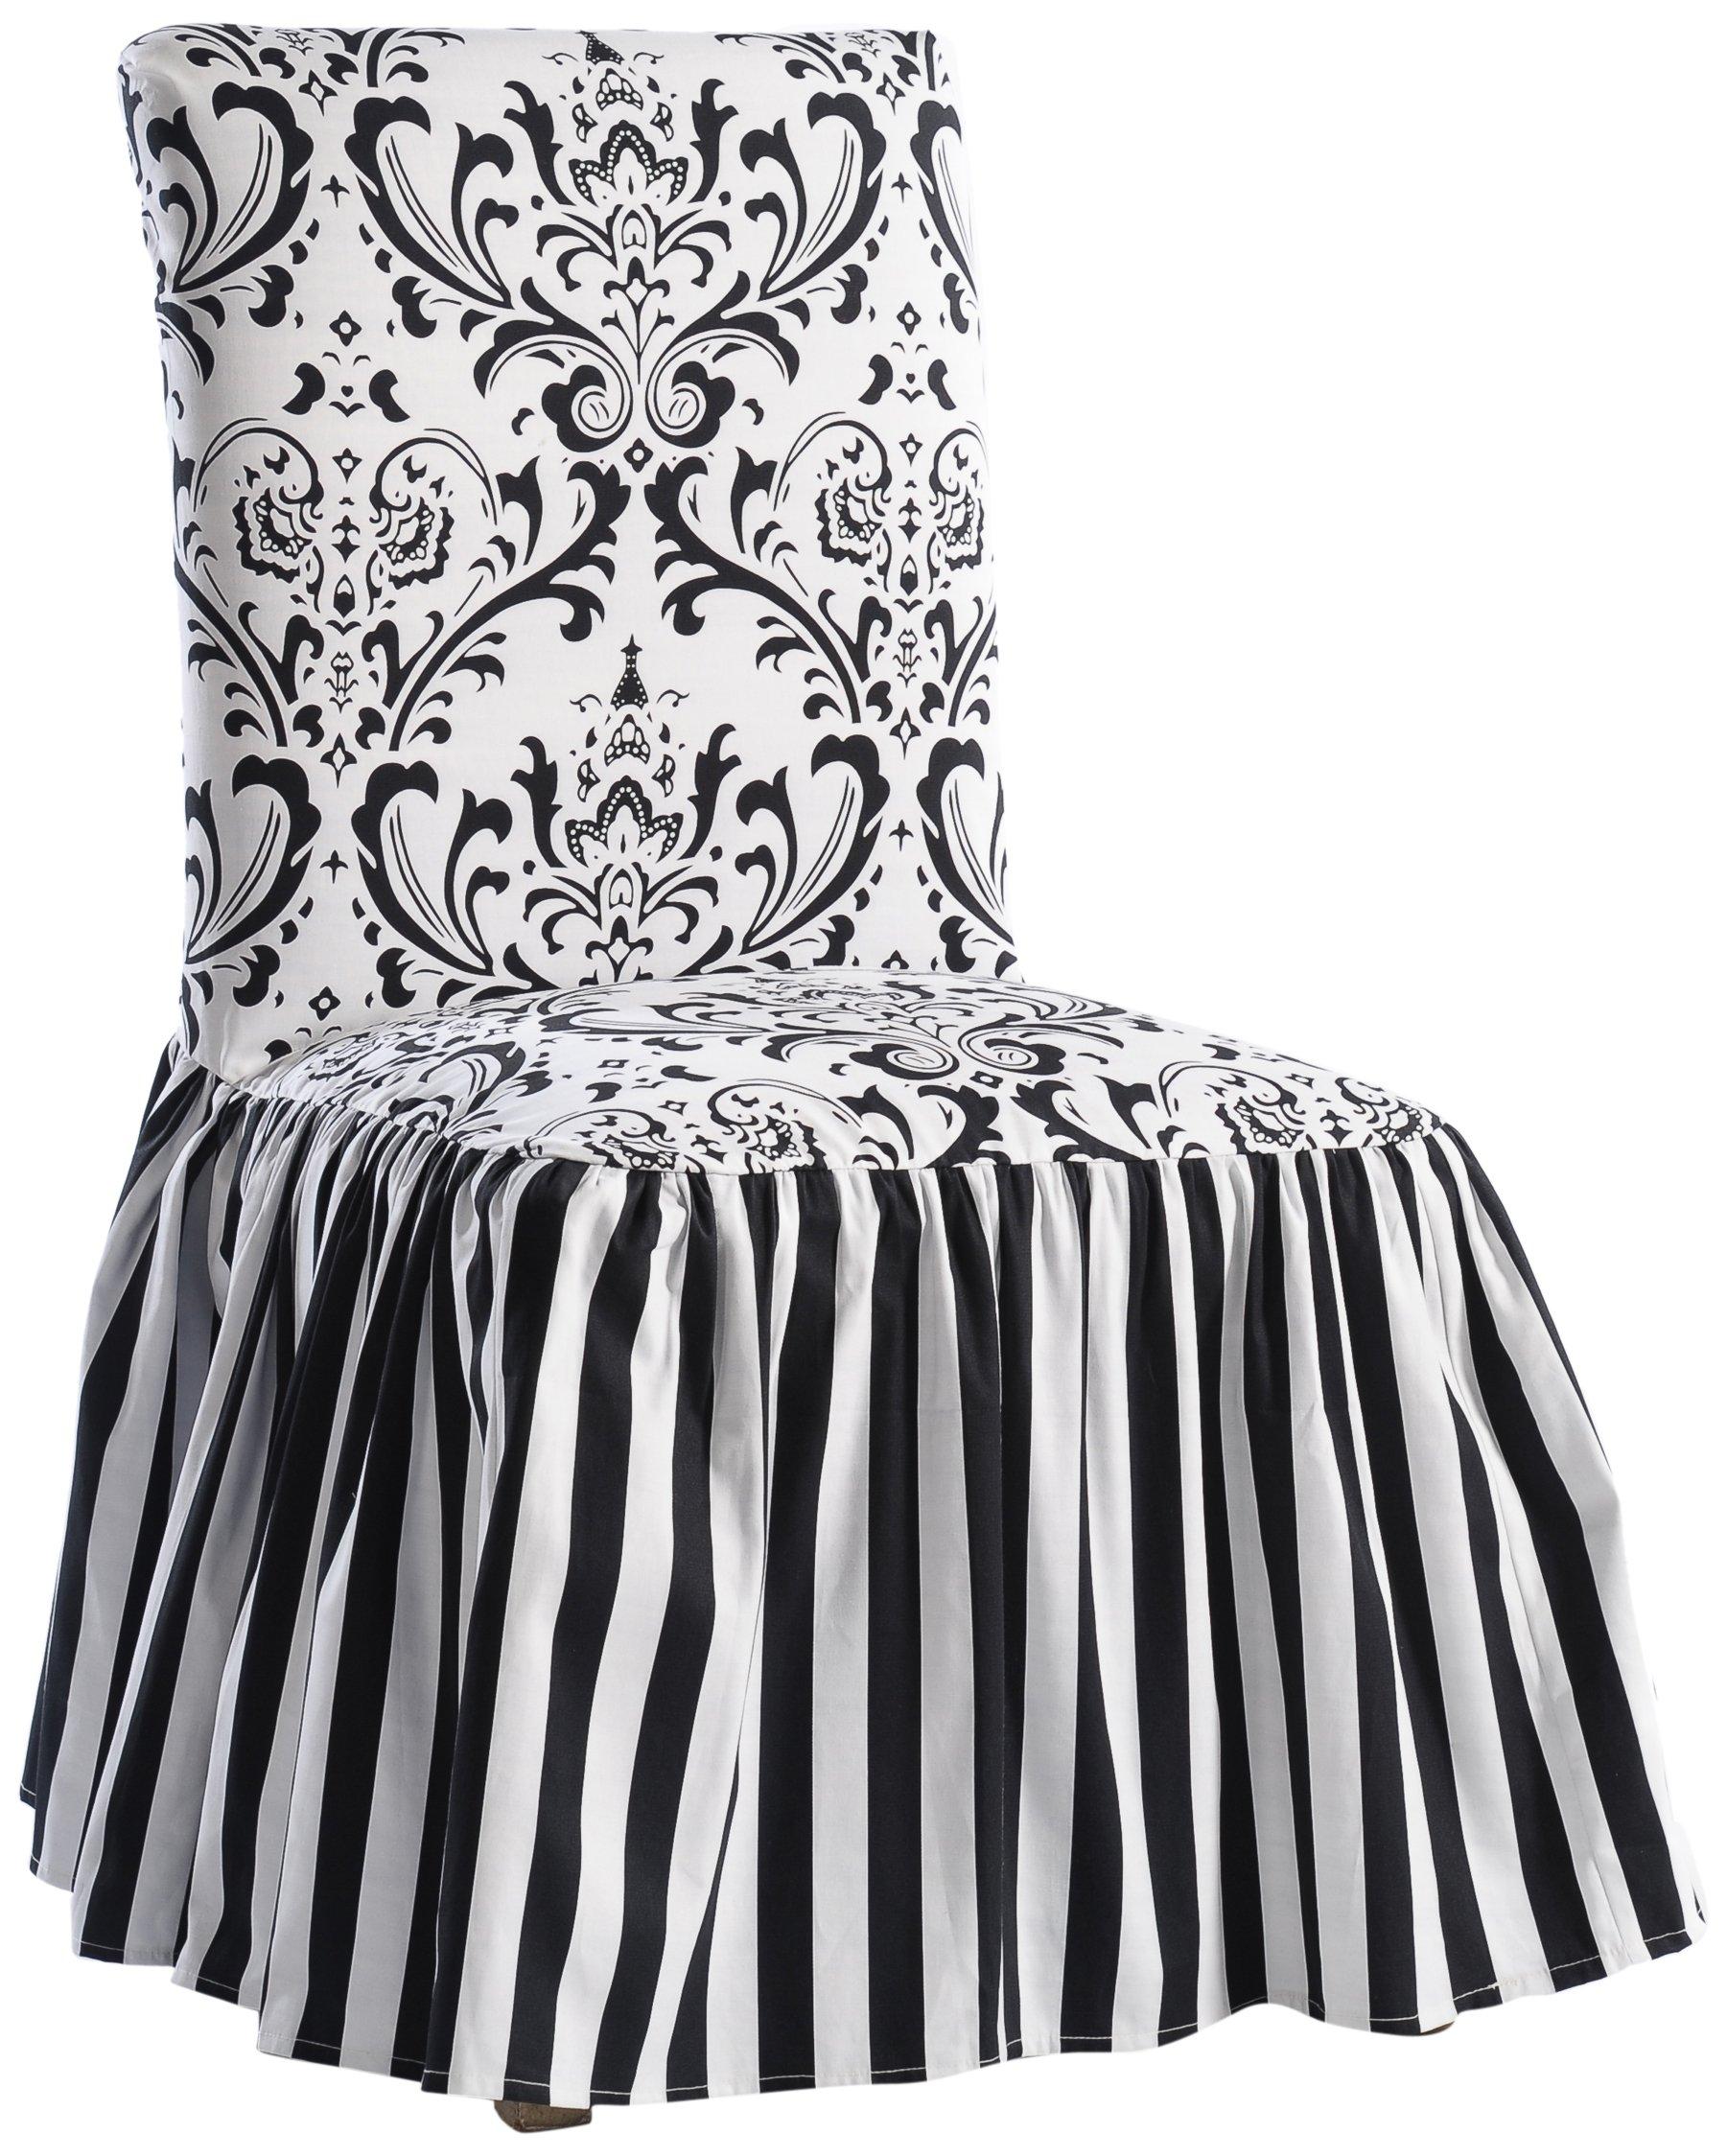 Classic Slipcovers Damask/Stripe Ruffled Long Skirt Dining Chair Slipcover, Black/White